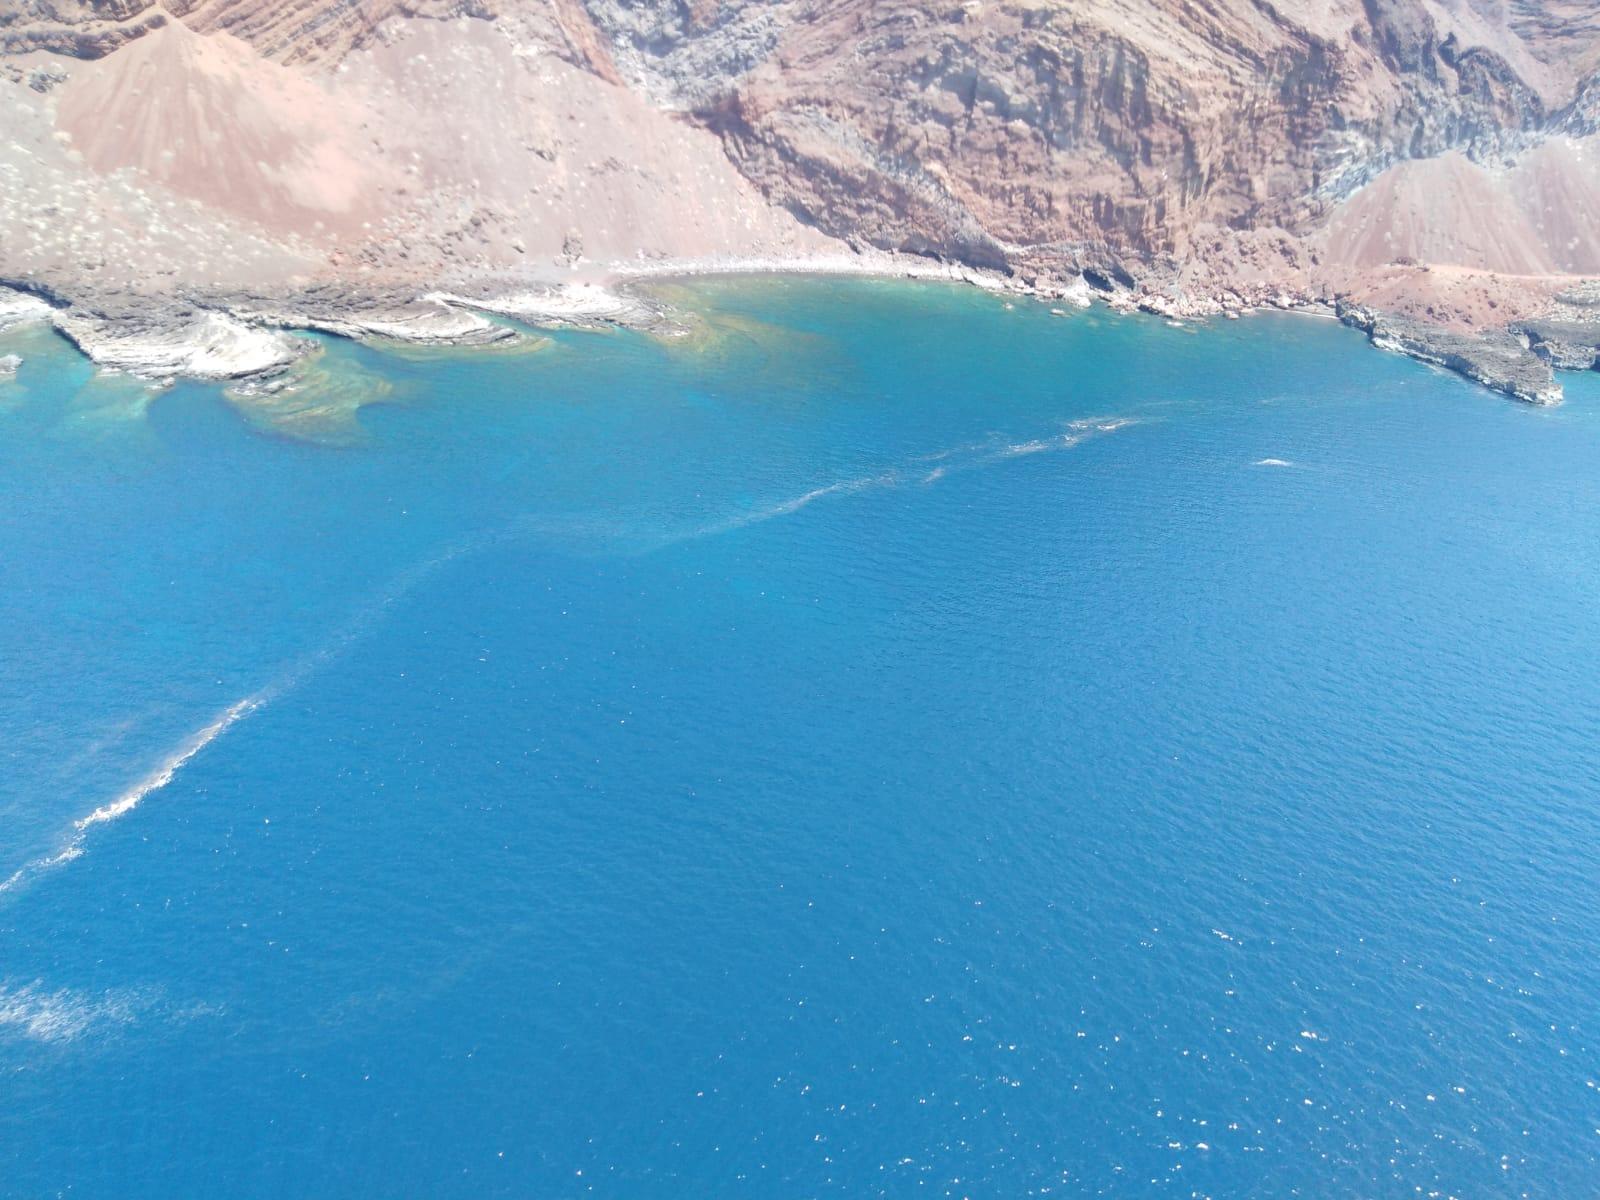 Microalgas aparecidas este miércoles en el Mar de las Calmas. / TWITTER GOB. CANARIAS